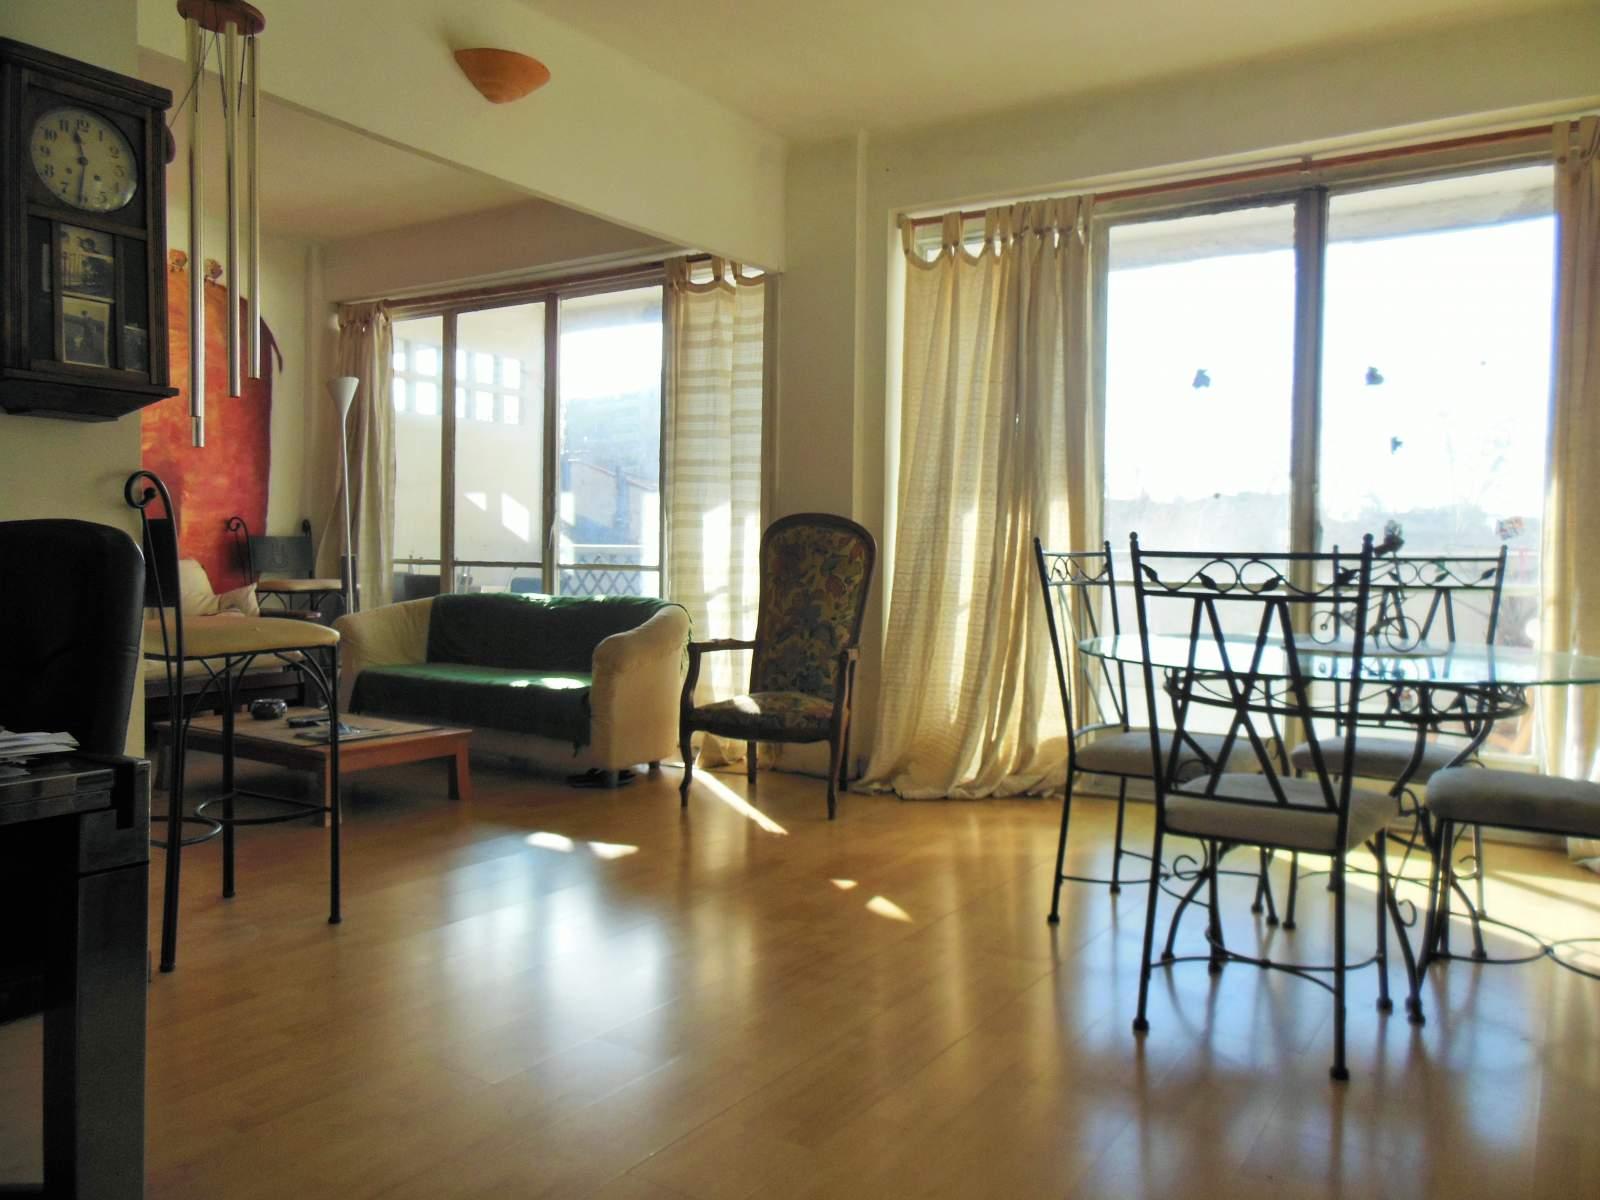 Achat appartement Toulouse : choisir sa maison entre le neuf et l'ancien